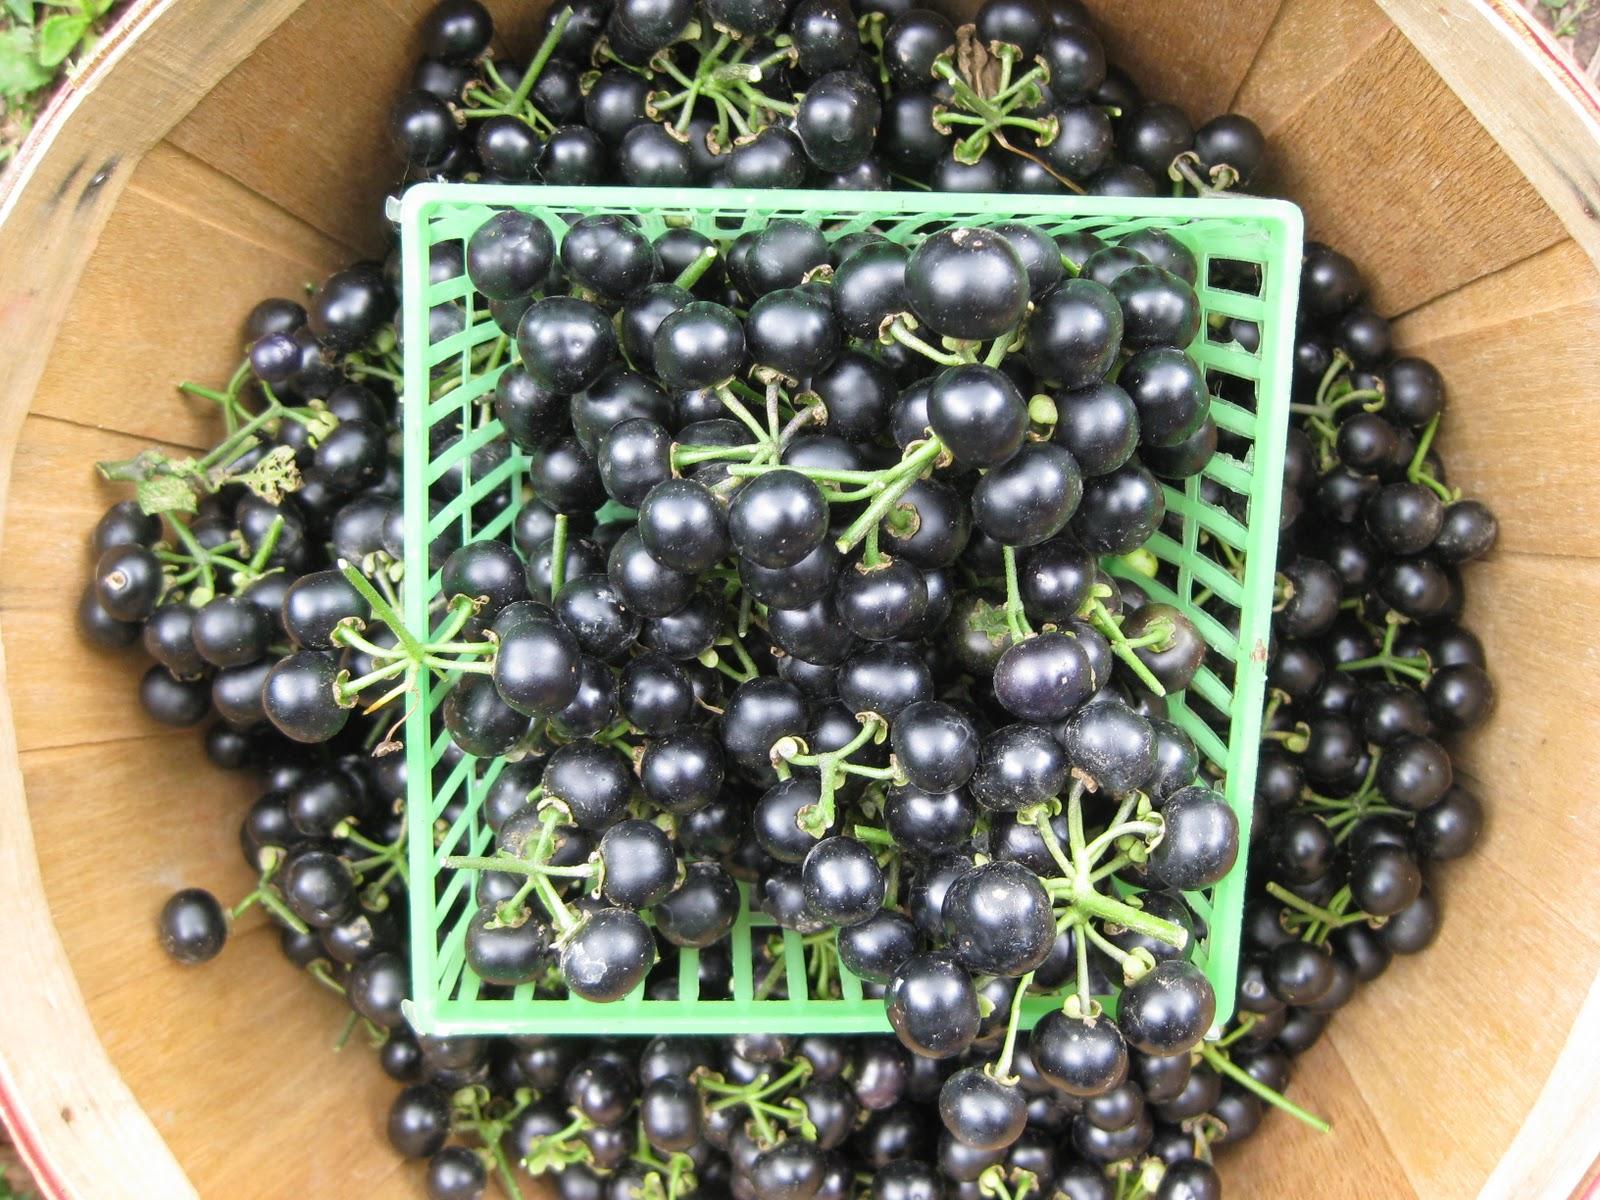 Hey Itu0027s Huckleberries!